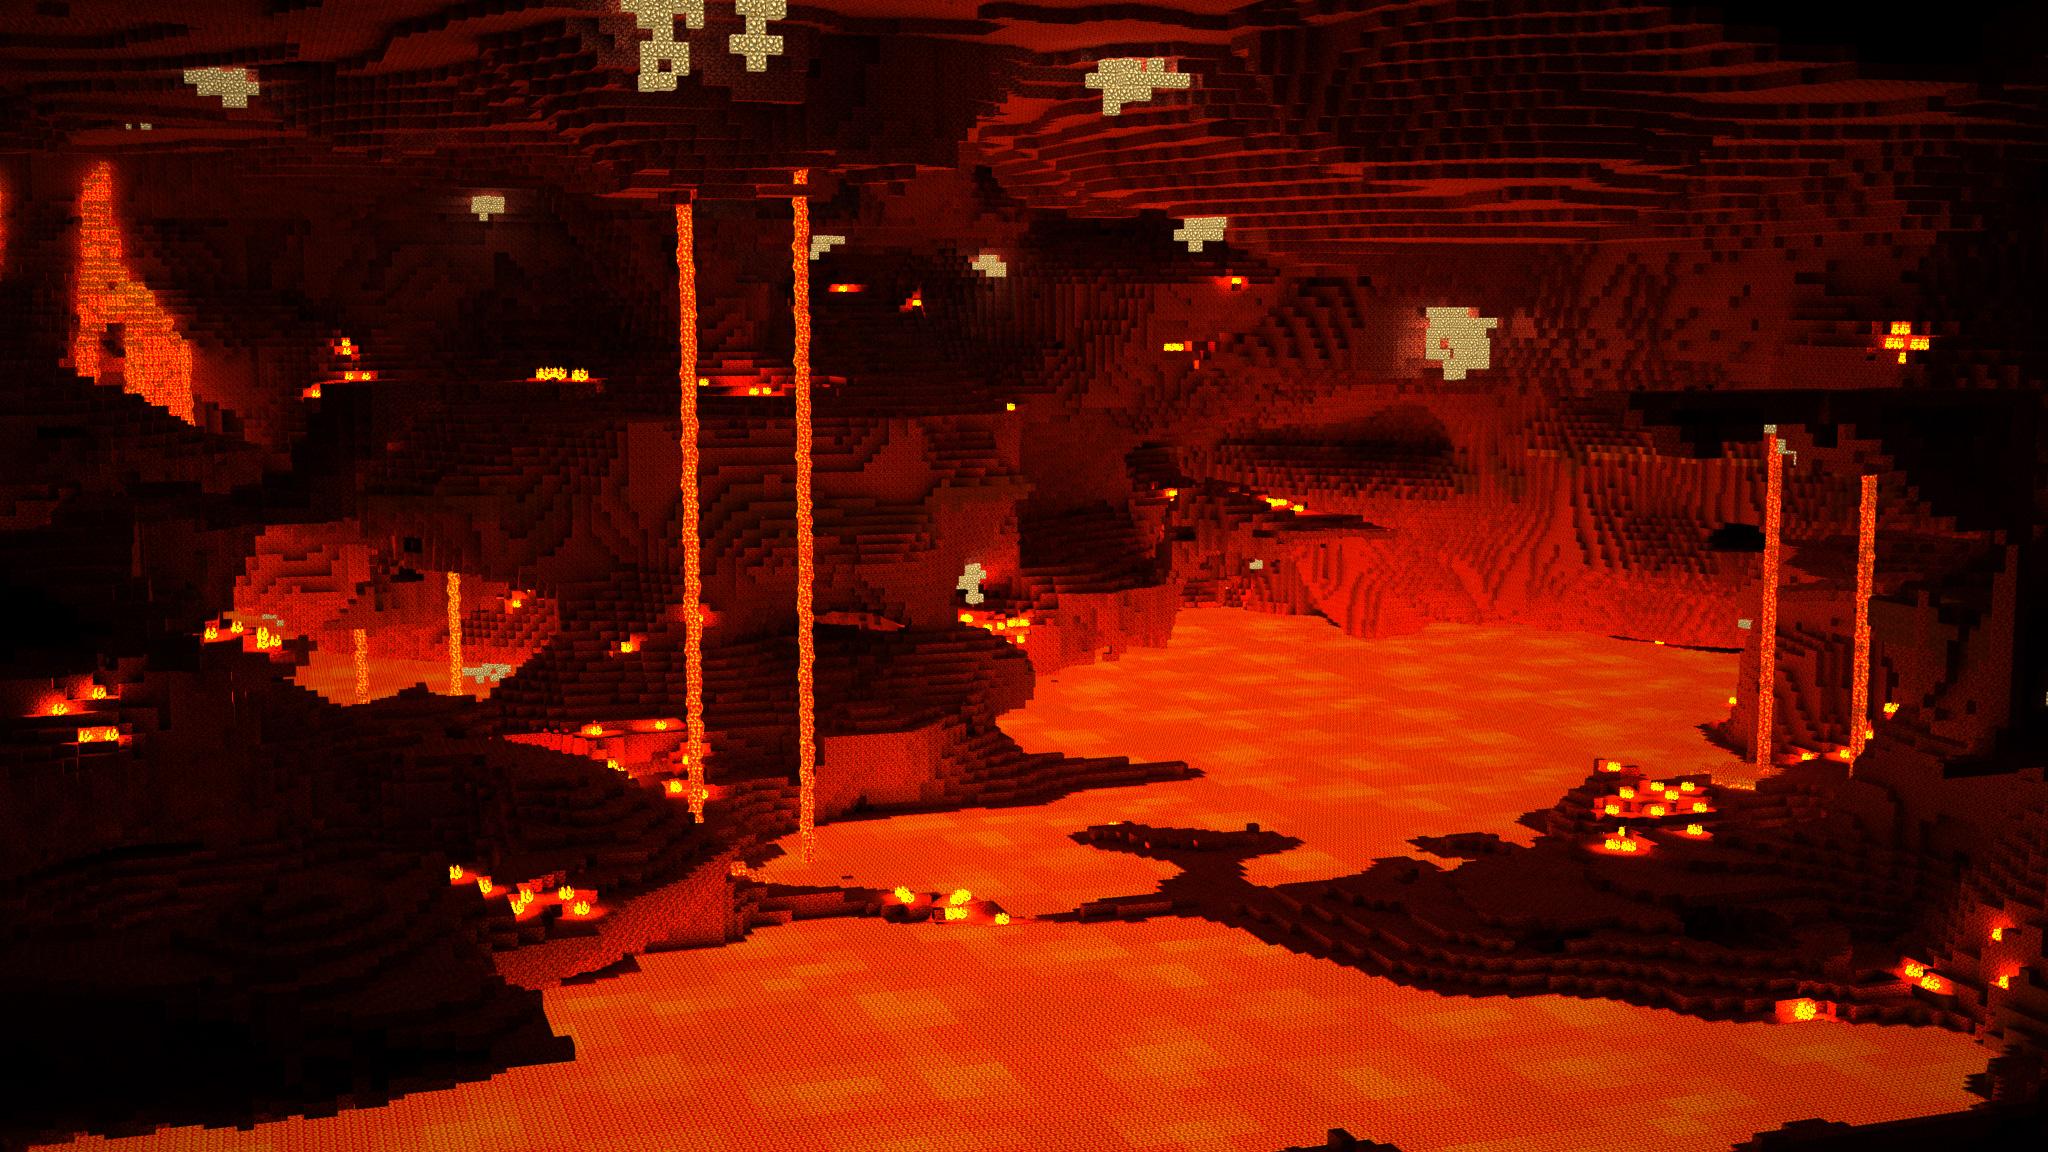 Download Minecraft 29 Wallpaper 2048x1152 Wallpoper 339805 2048x1152